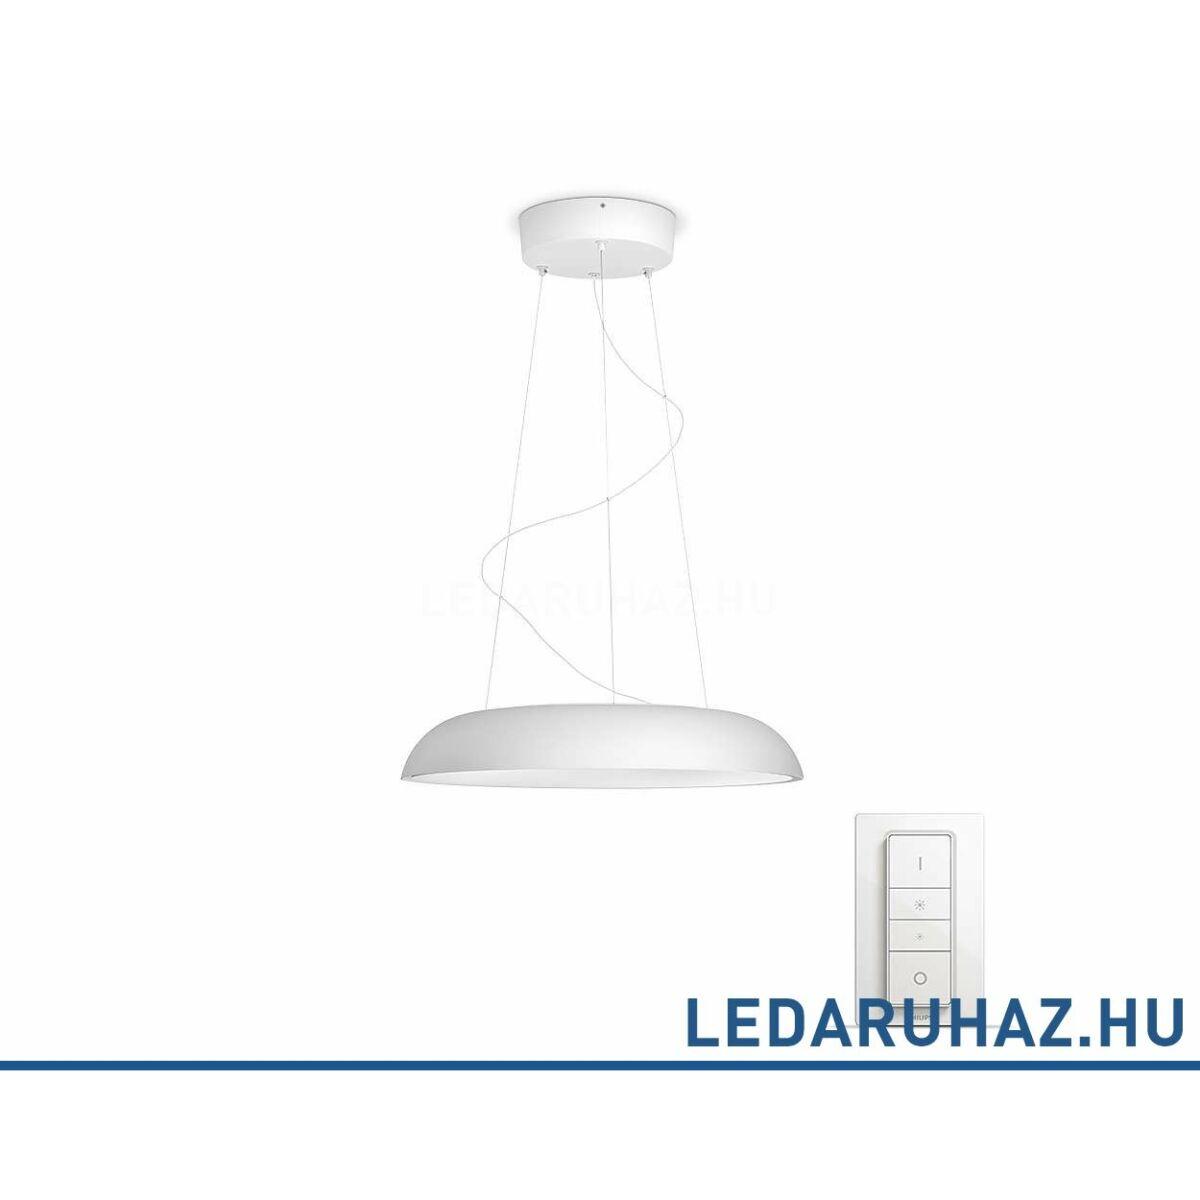 Philips Hue Amaze LED függesztett lámpa, fehér, 39W, 3000